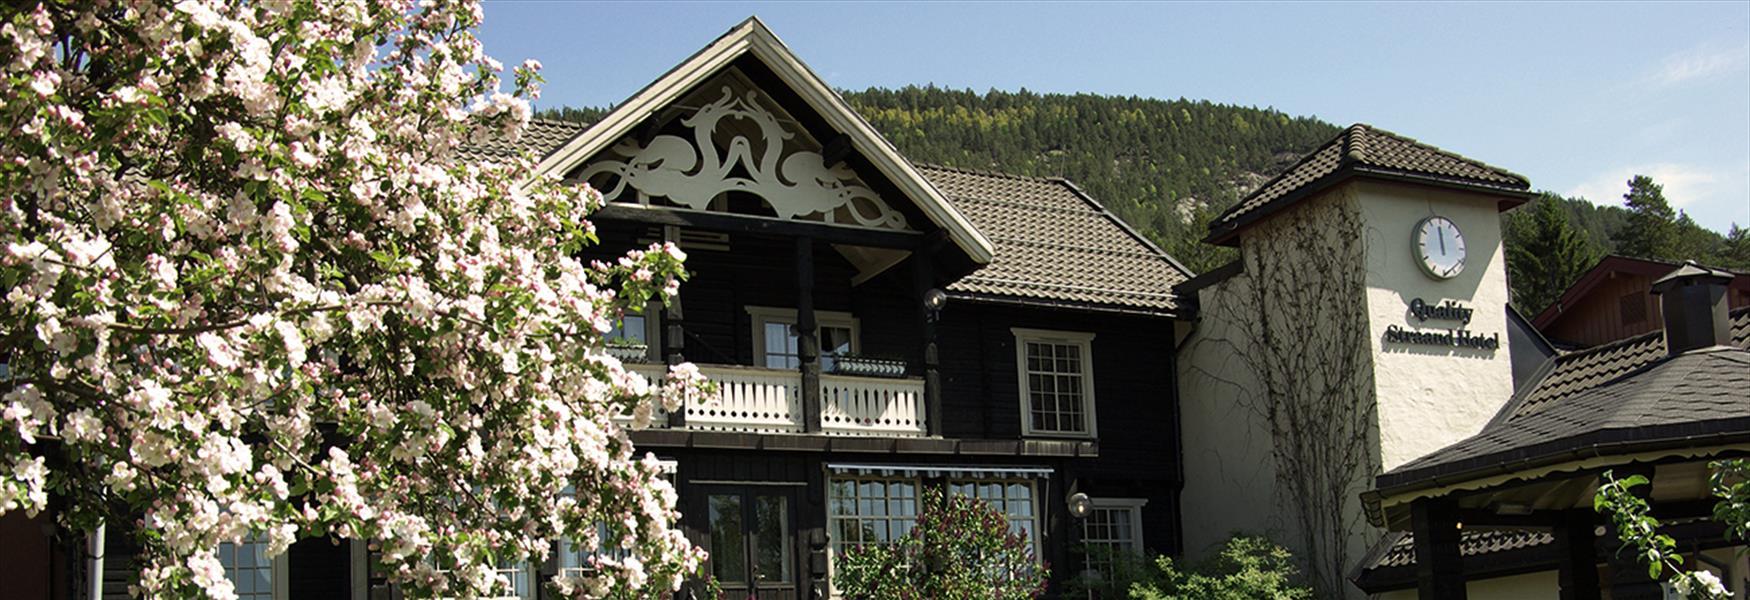 Straand hotel om våren